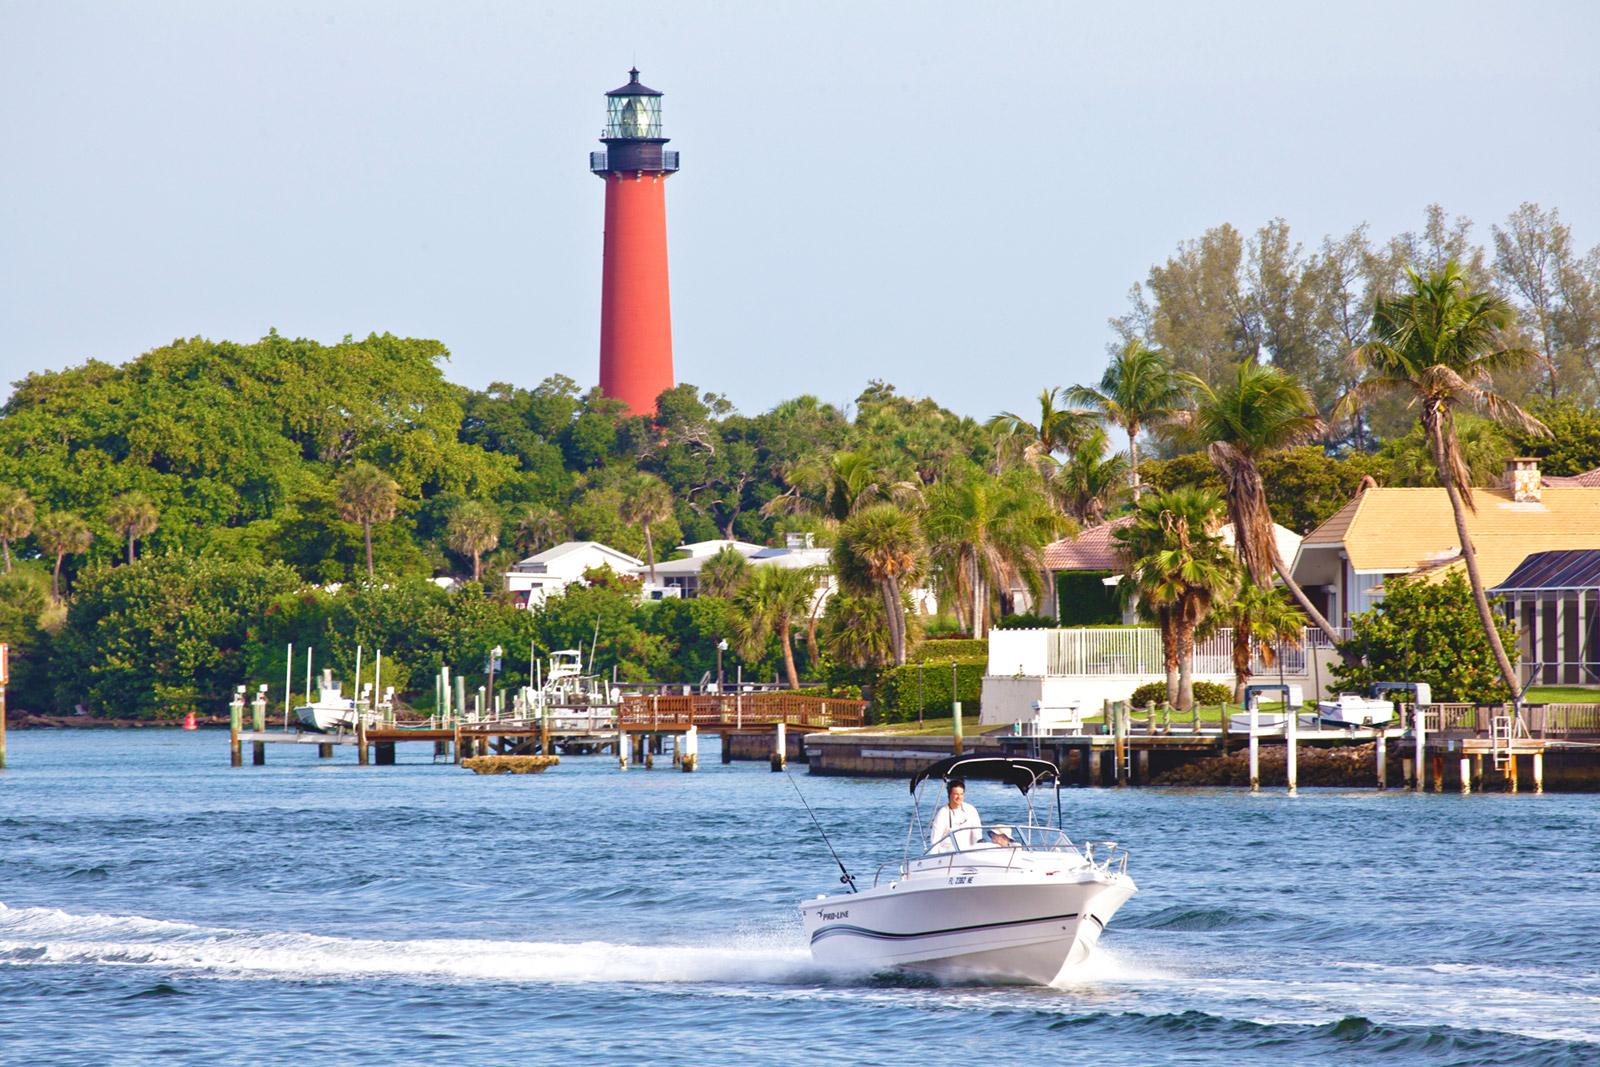 Jupiter Lighthouse Boating